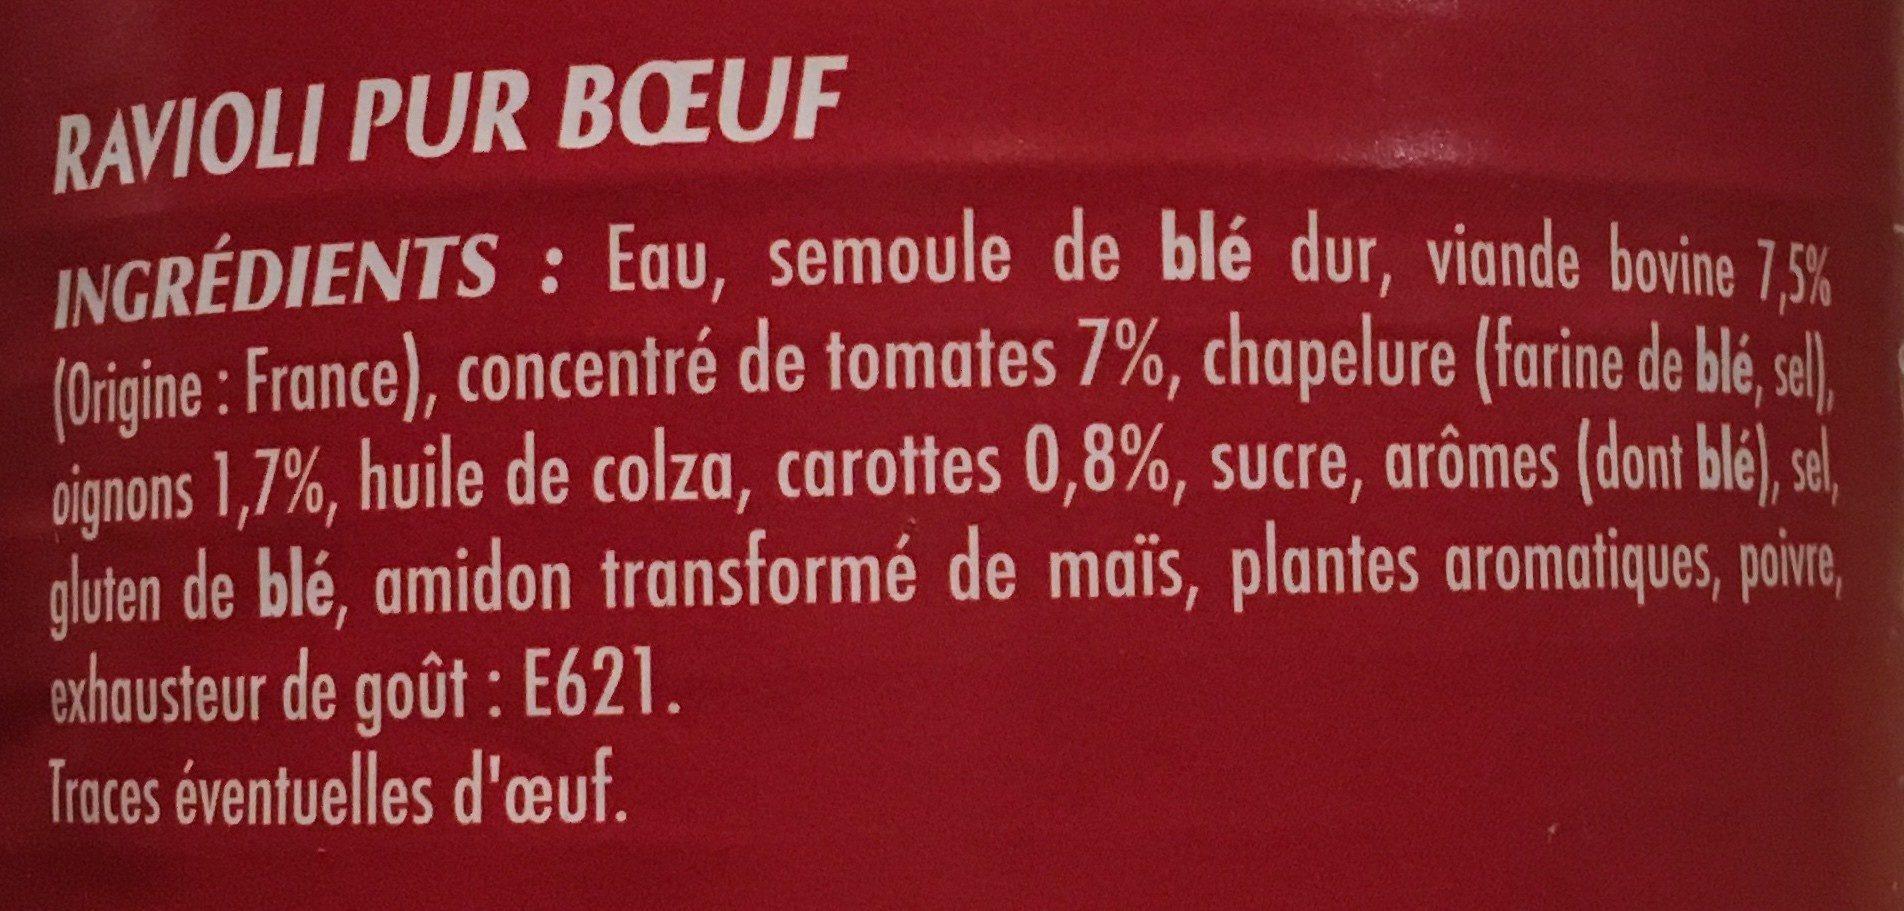 Ravioli pur bœuf - Ingredients - fr